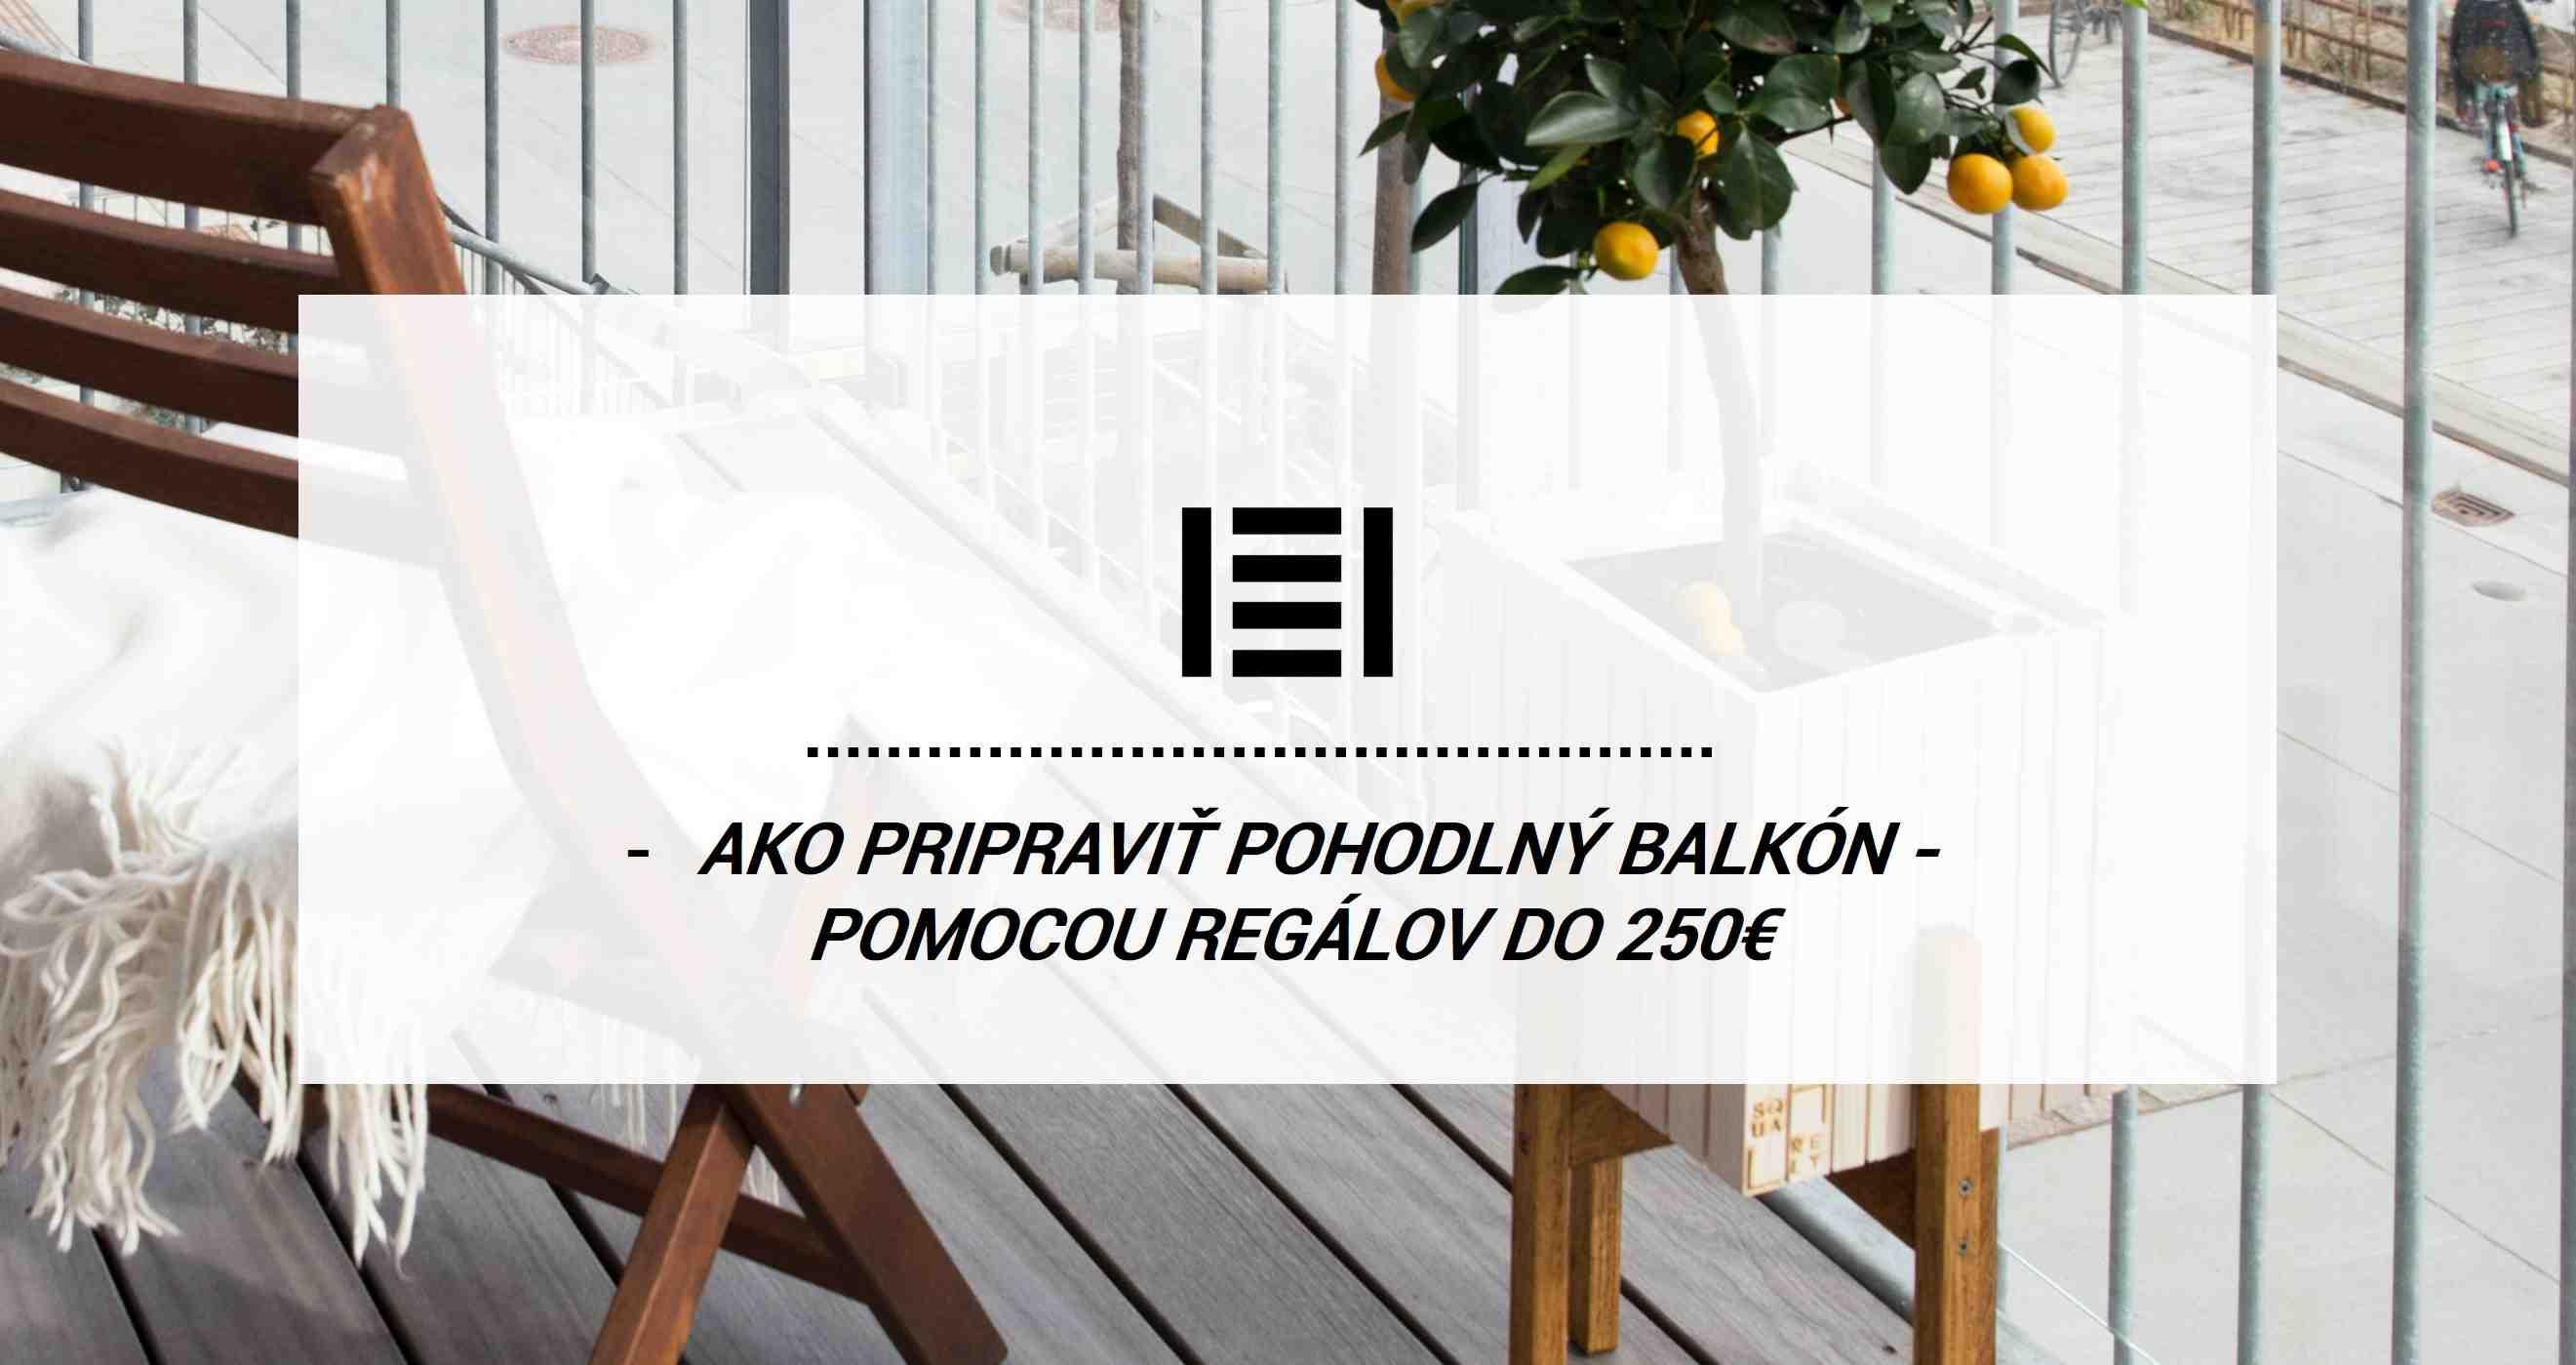 Ako pripraviť pohodlný balkón pomocou regálov do 250€ | Majster Regál